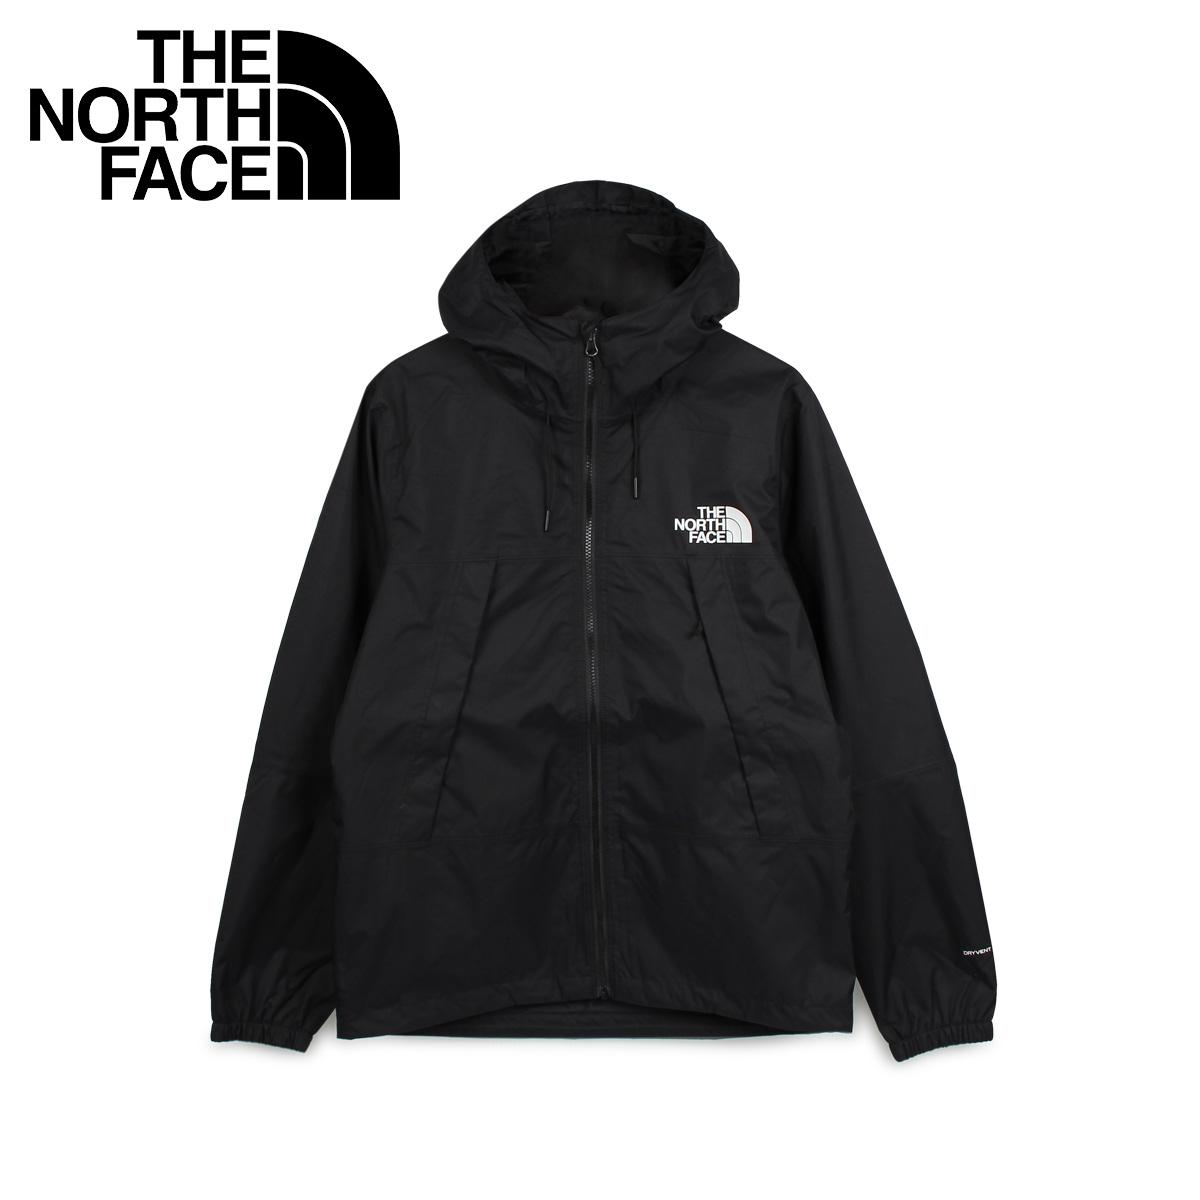 【最大2000円OFFクーポン】 ノースフェイス THE NORTH FACE ジャケット マウンテンジャケット メンズ MENS 1990 MOUNTAIN Q JACKET ブラック 黒 T92S51